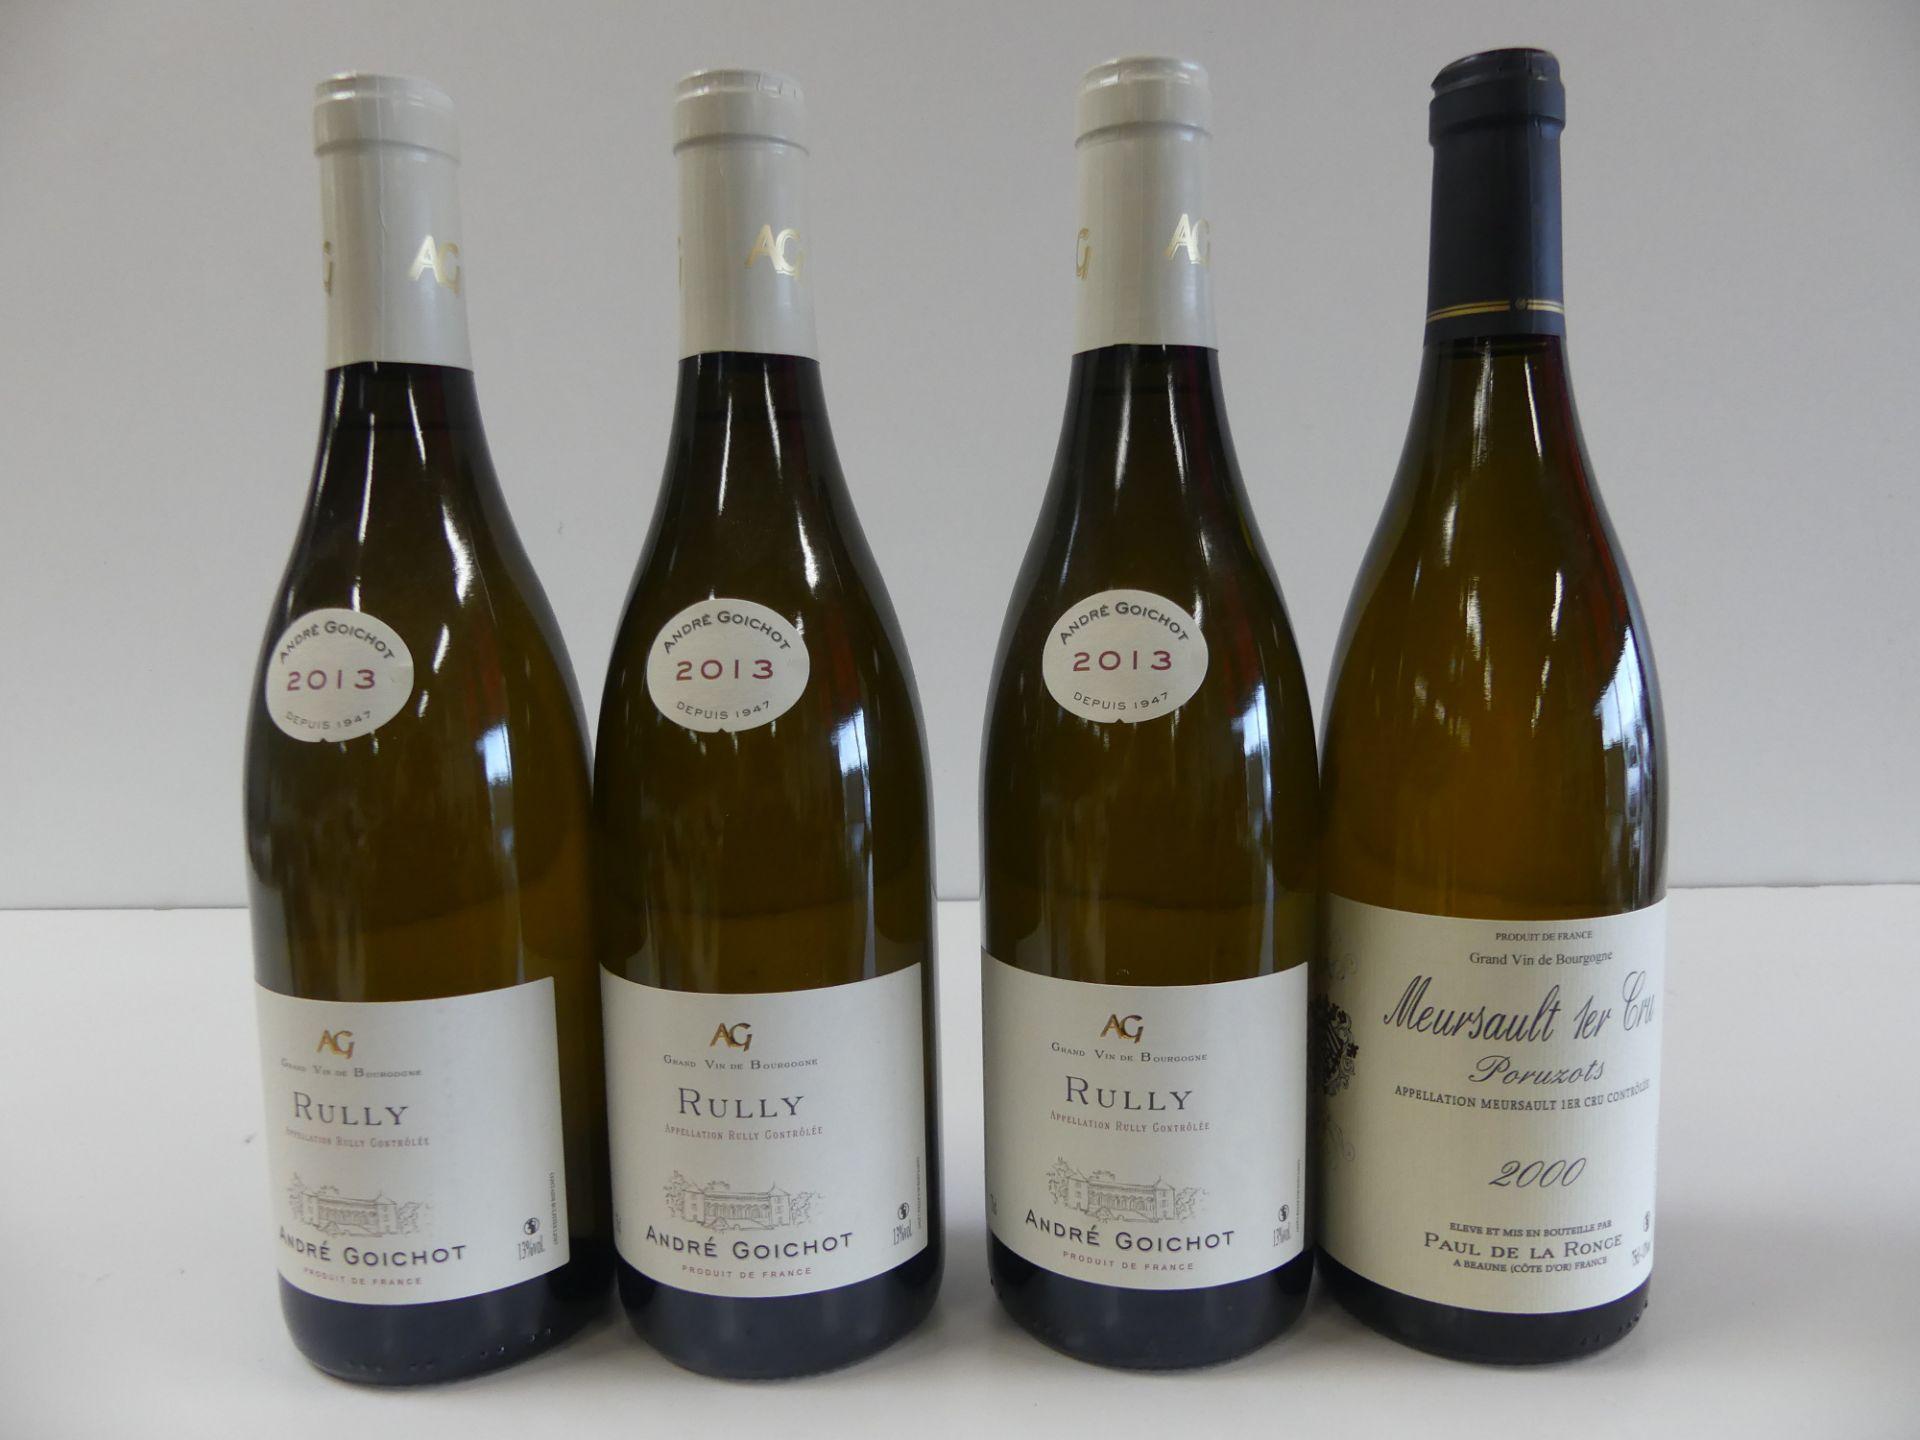 """Los 43 - 4 BTLES : 1 Meursault 1er Cru Blanc """"Poruzots"""" Paul de la Ronce 2000 ; 3 Bourgogne [...]"""